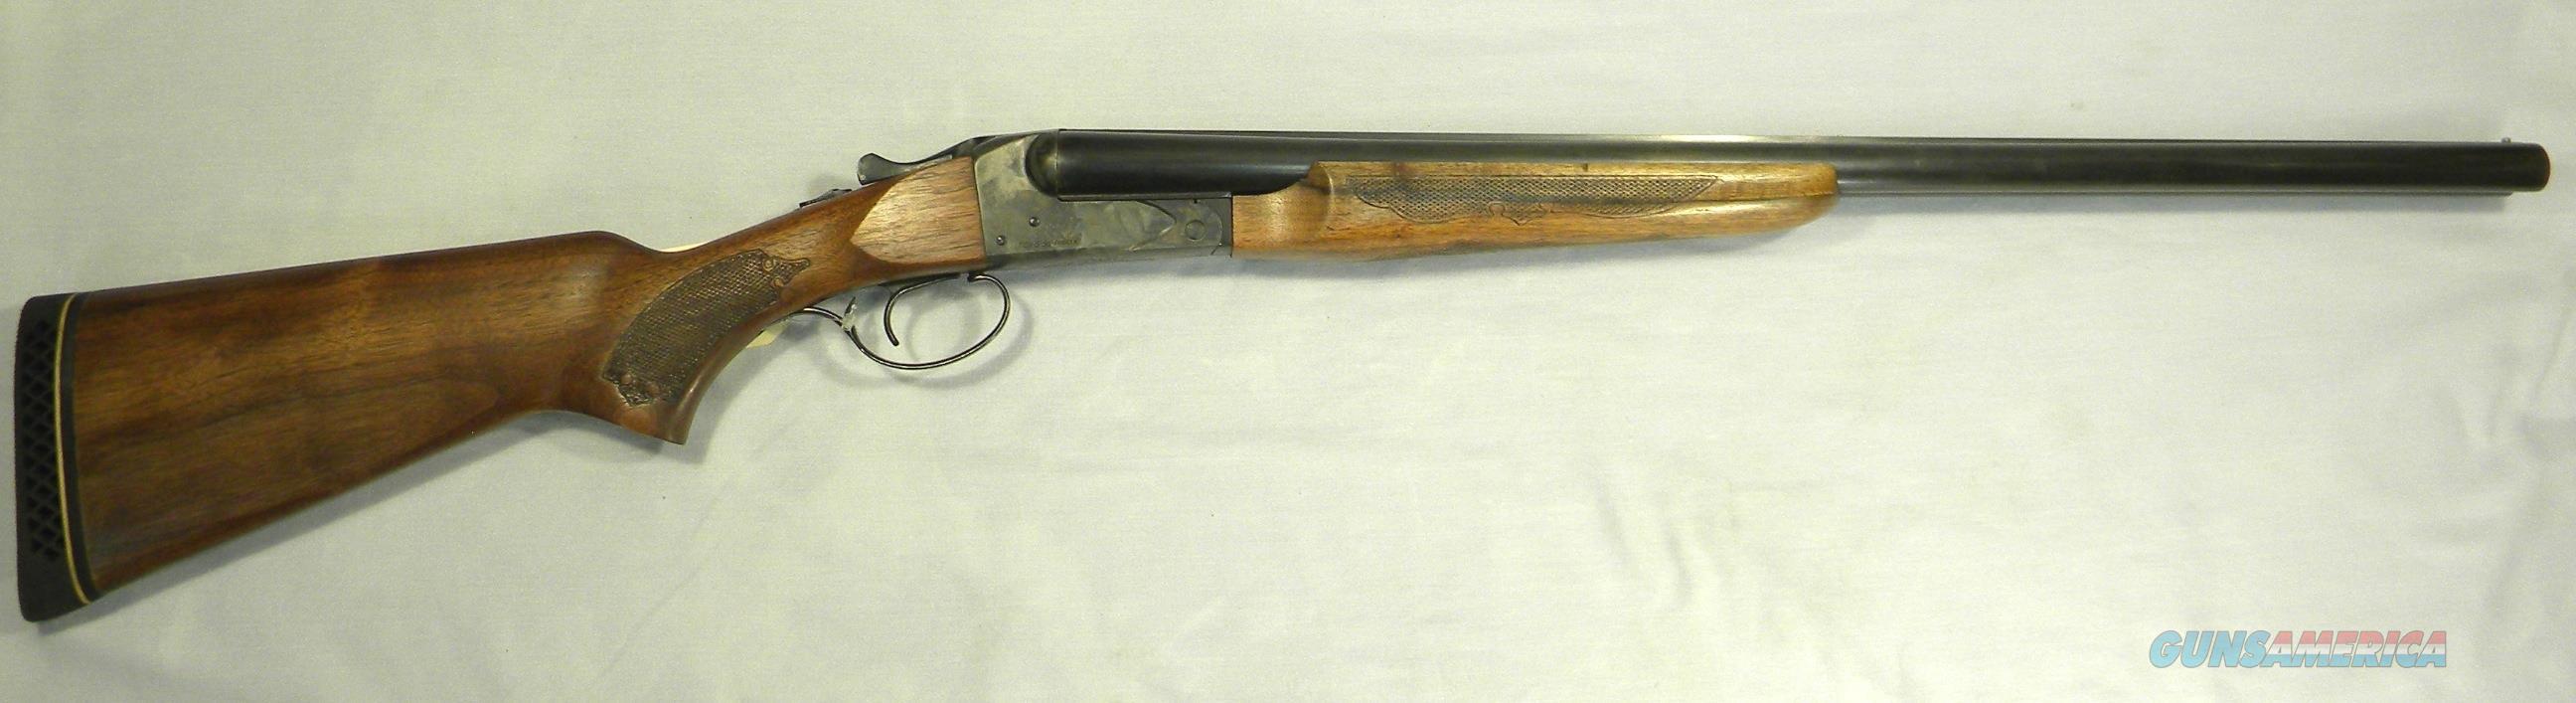 Savage Fox B-SE Series H, 12 Gauge Side-By-Side Shotgun  Guns > Shotguns > Savage Shotguns